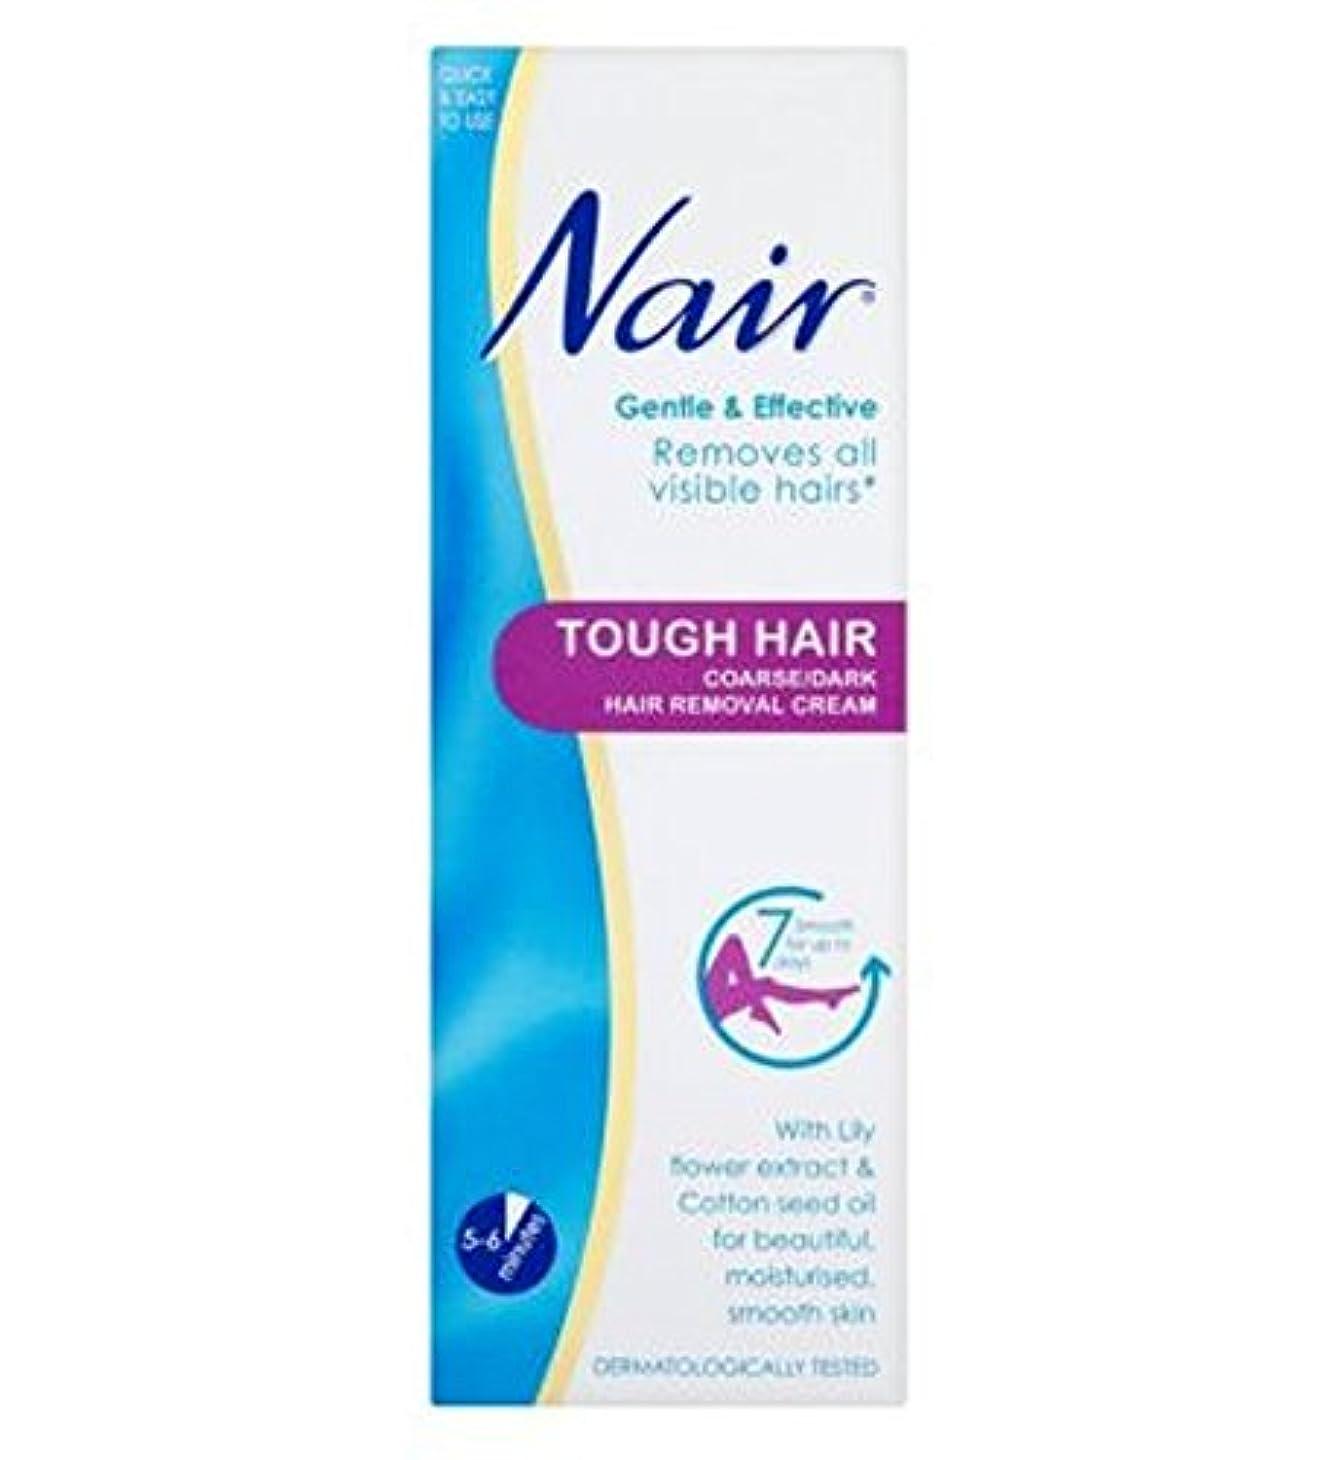 なのでゴミ嘆願ナイールタフな毛脱毛クリーム200ミリリットル (Nair) (x2) - Nair Tough Hair Hair Removal Cream 200ml (Pack of 2) [並行輸入品]